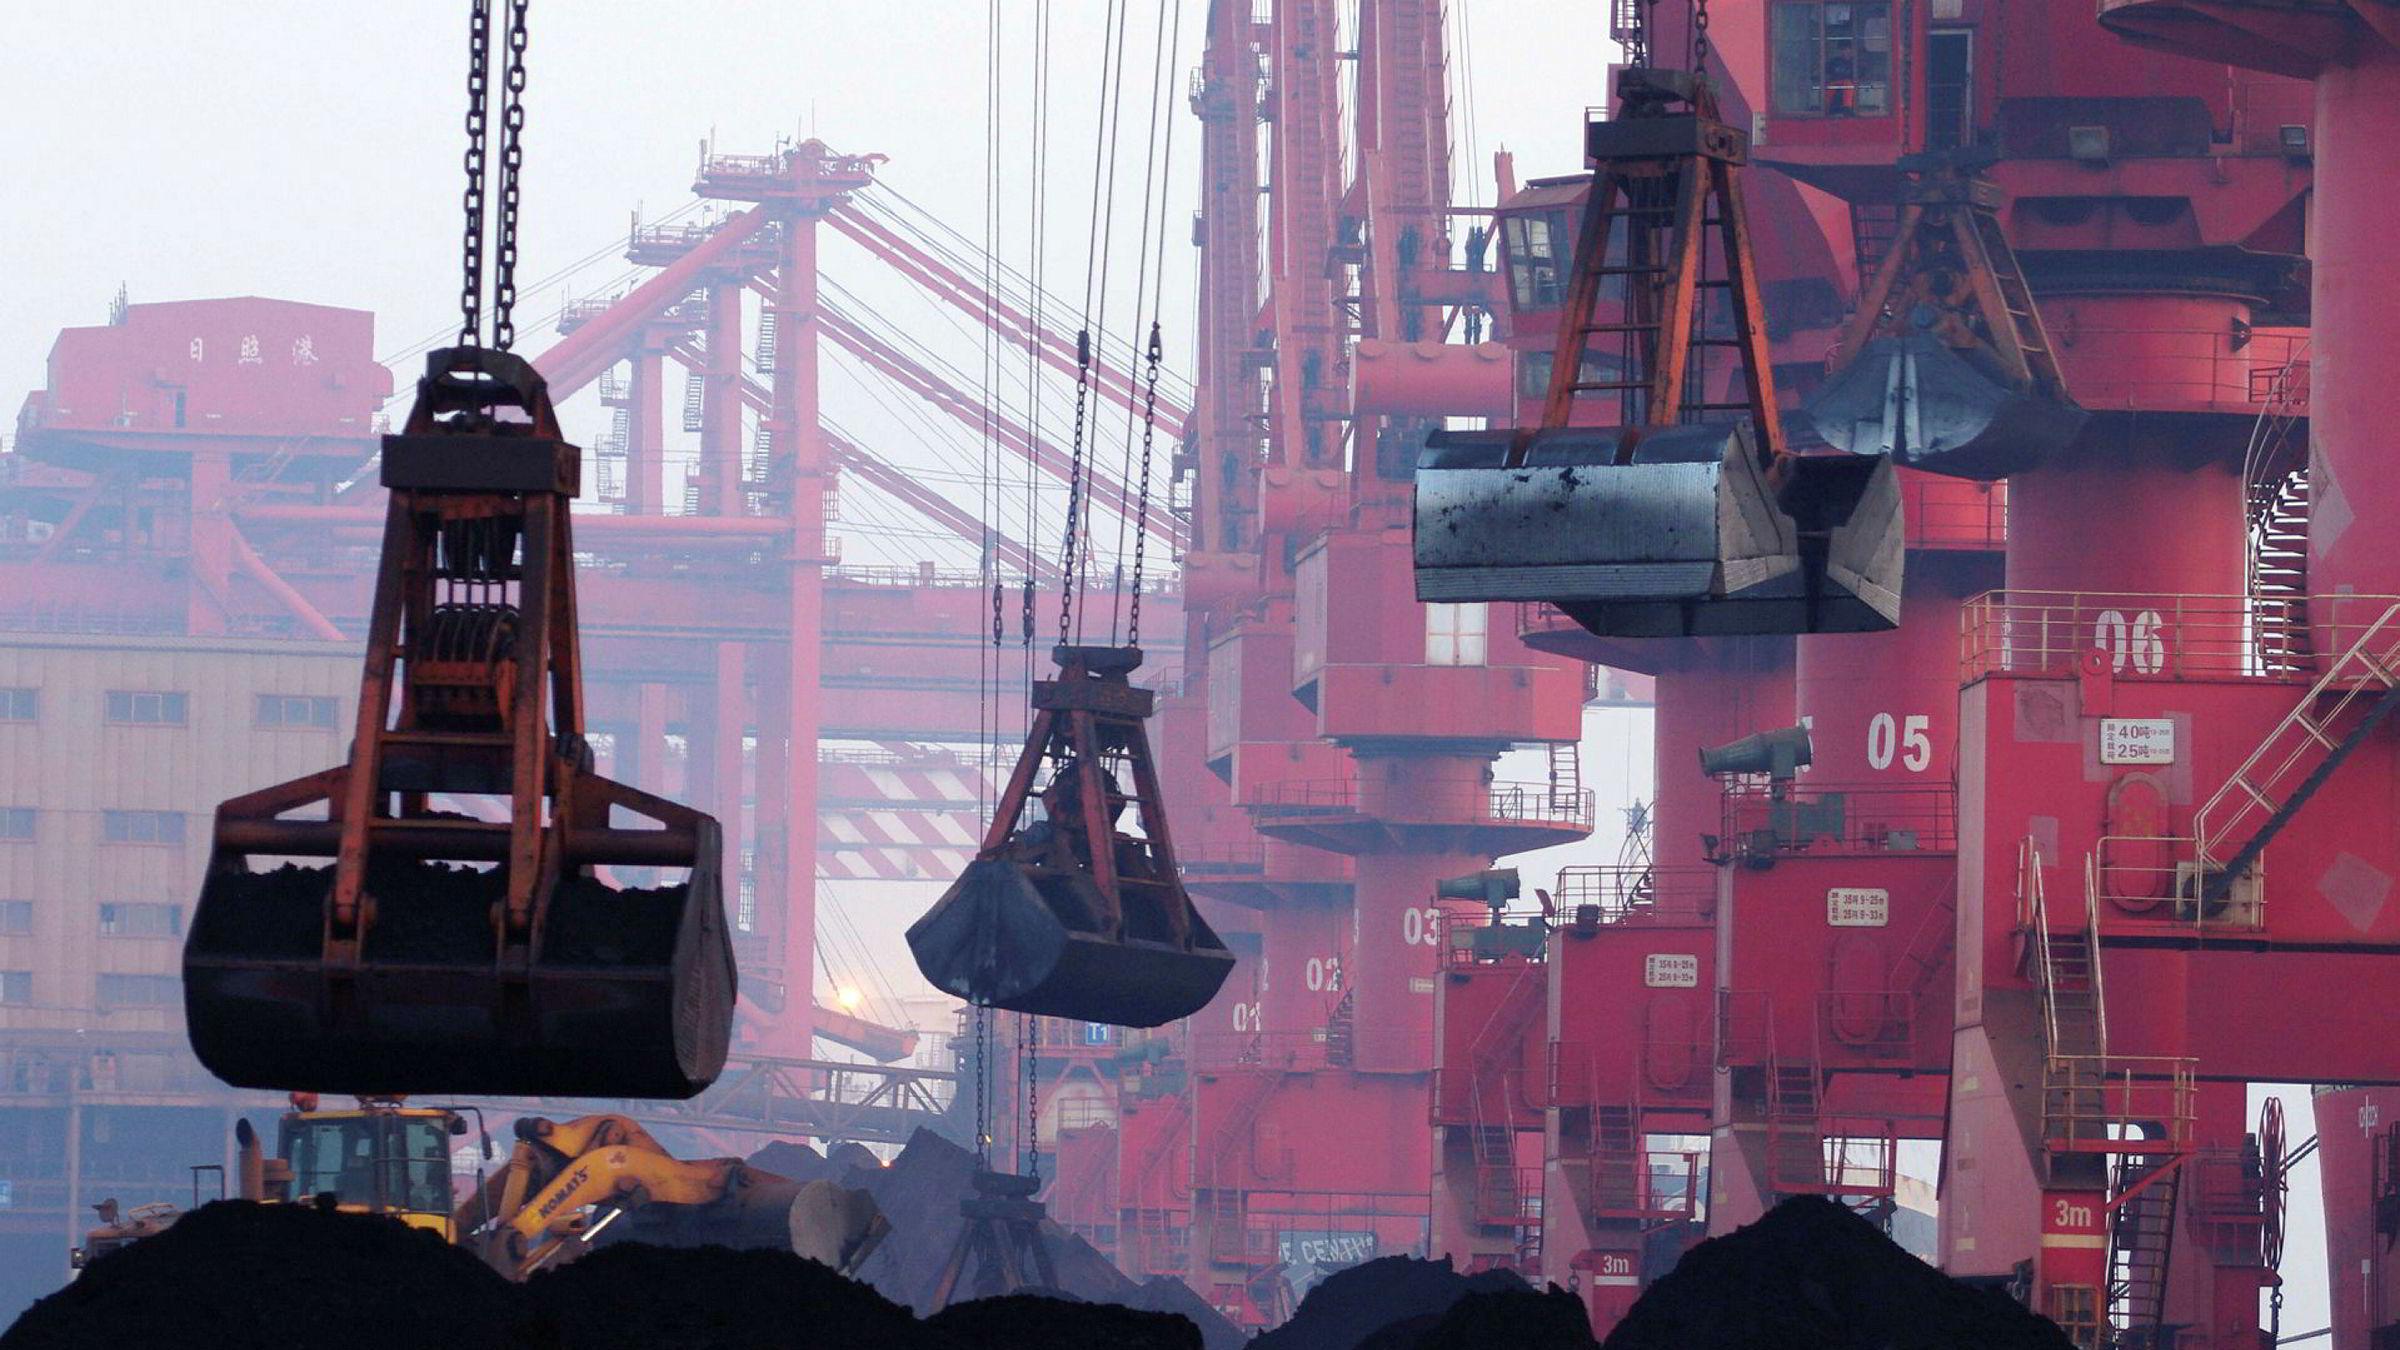 Kinesiske myndigheter opplyser mandag at landet stanser import av blant annet jernmalm fra Nord-Korea i tråd med de nye sanksjonene fra FNs sikkerhetsråd. På dette bildet fra 2015 flyttes importert jernmalm i havnen i Rizhao øst i Kina.